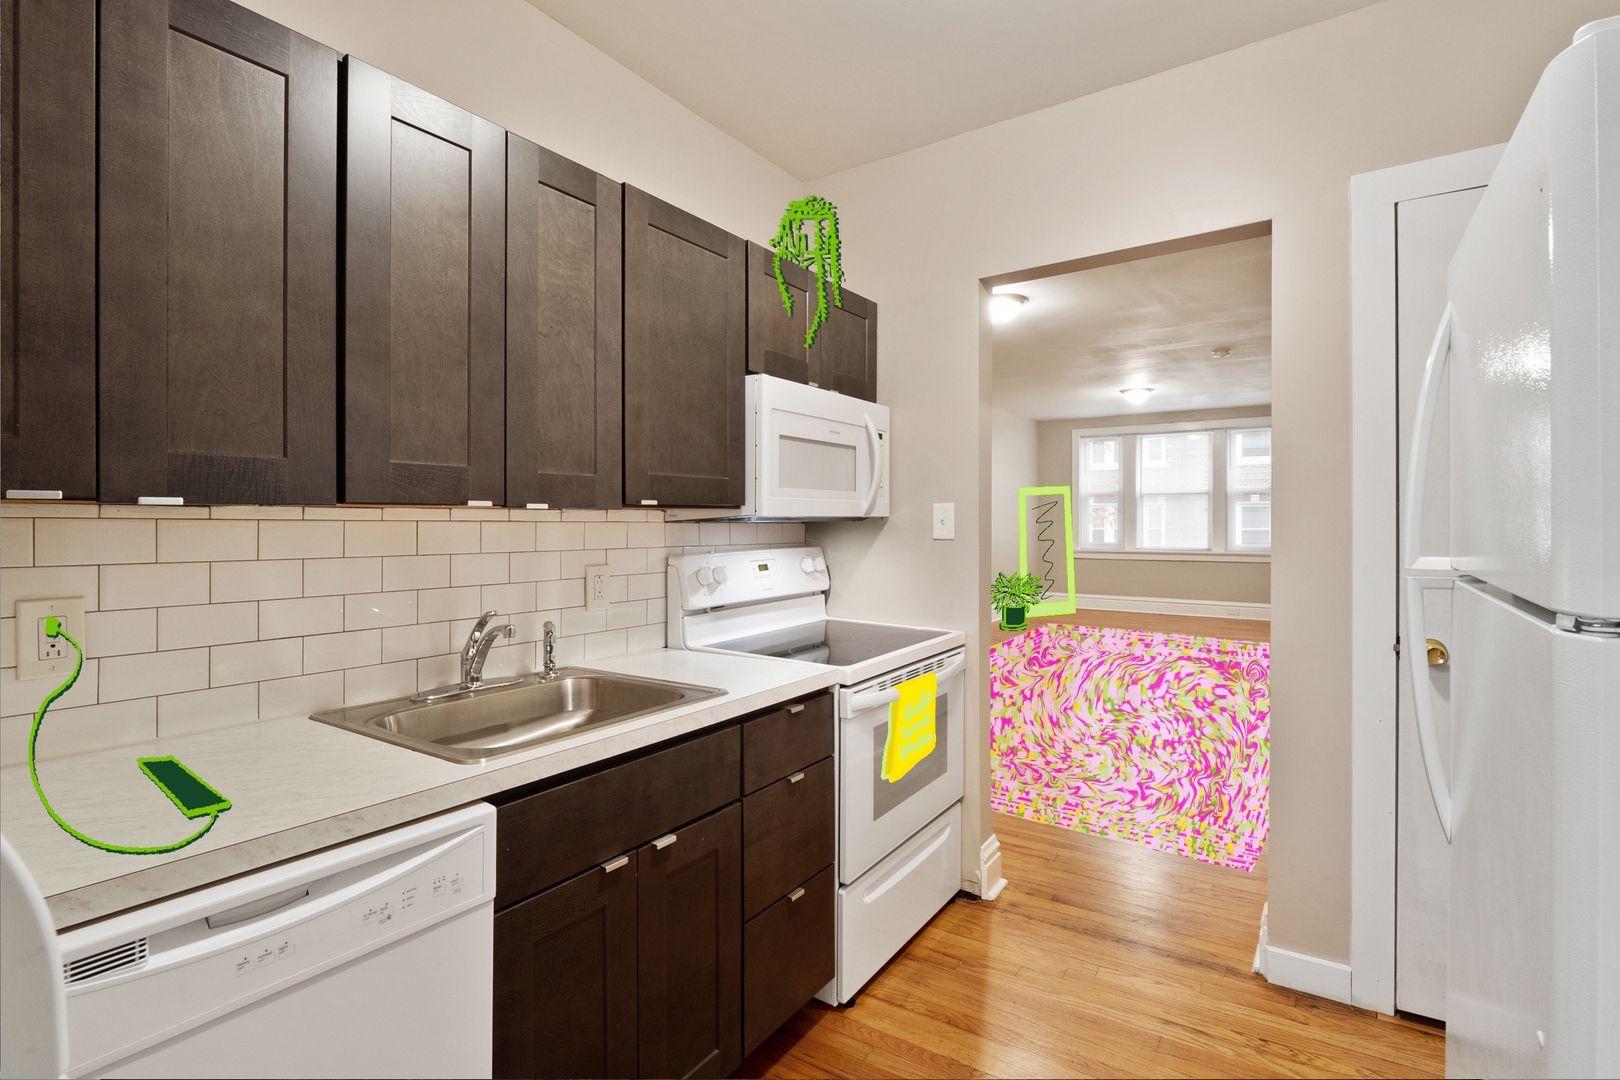 Studio apartment with illustrations superimposed